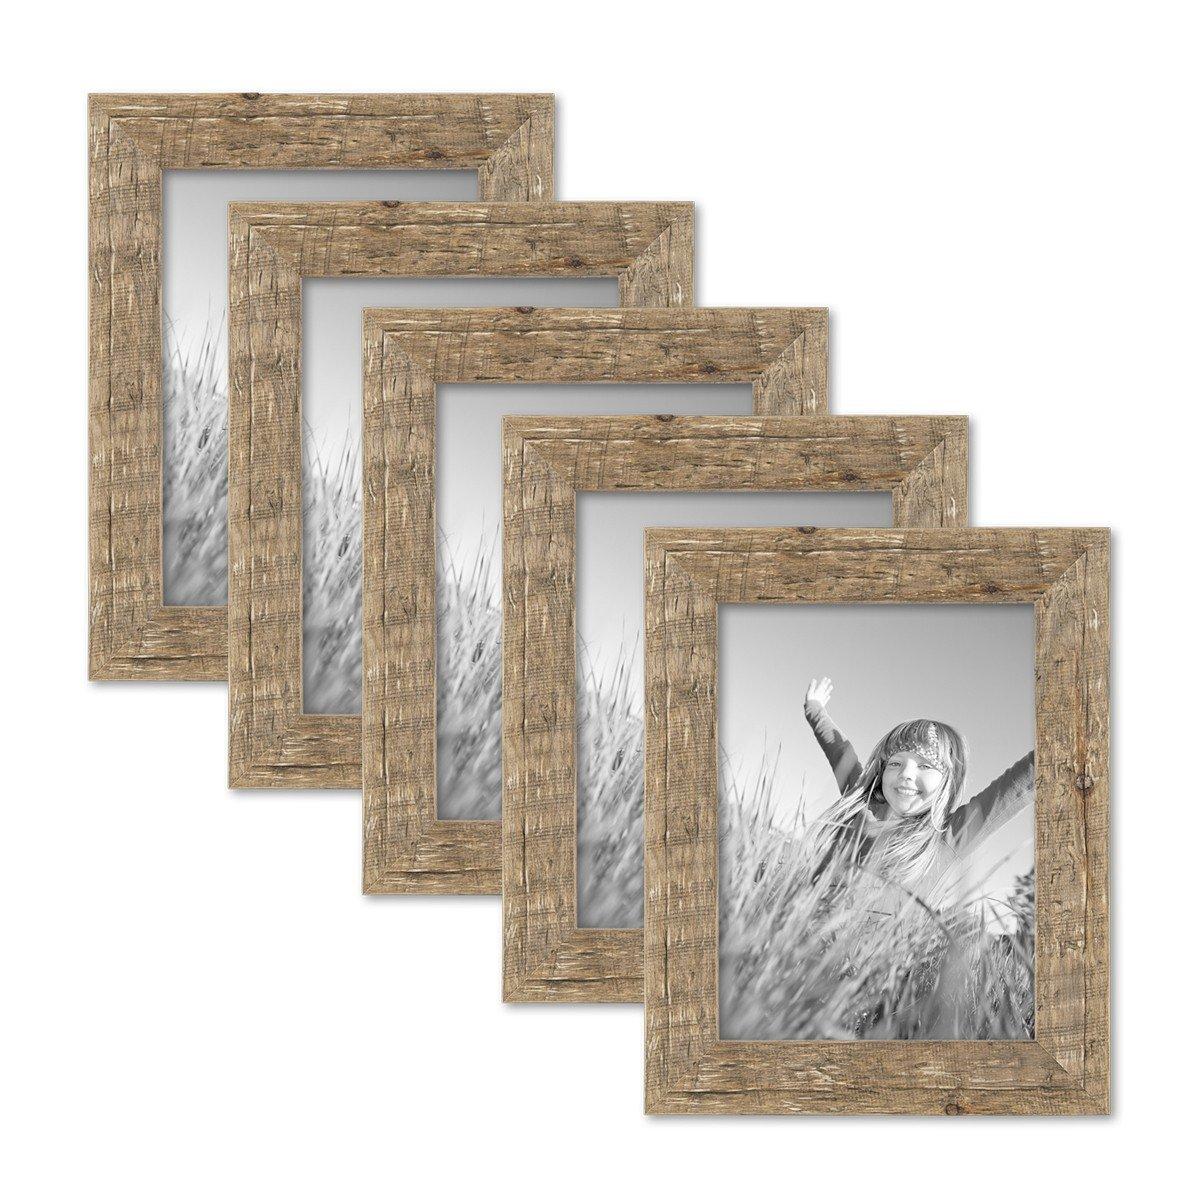 PHOTOLINI 5er Bilderrahmen-Set 18x24 cm Strandhaus Rustikal Eiche-Optik Natur Massivholz mit Glasscheibe inkl. Zubehör Fotorahmen